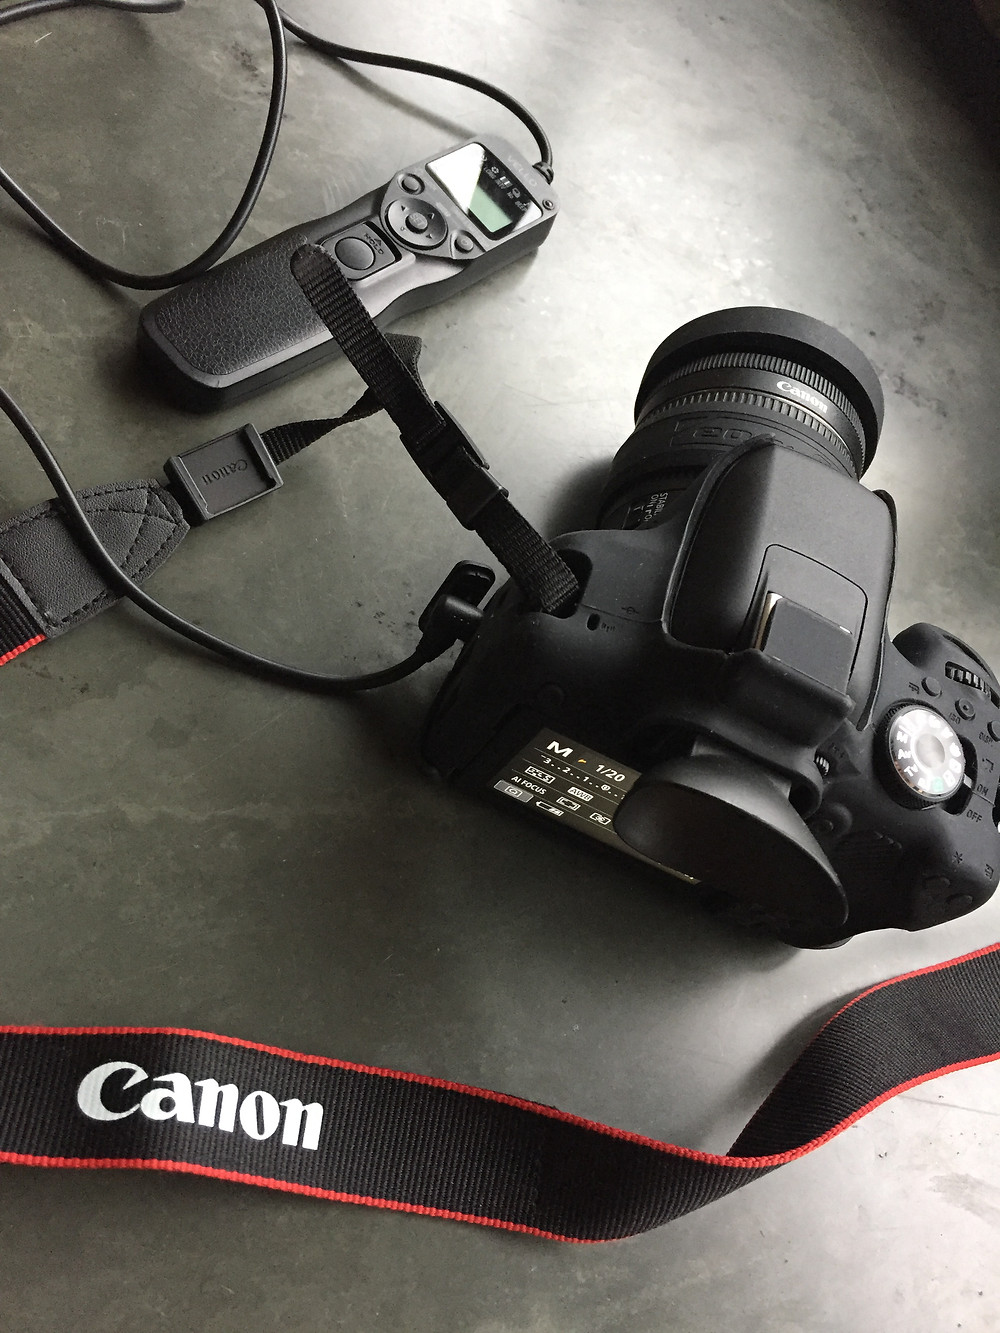 Intervalômetro conectado à câmera